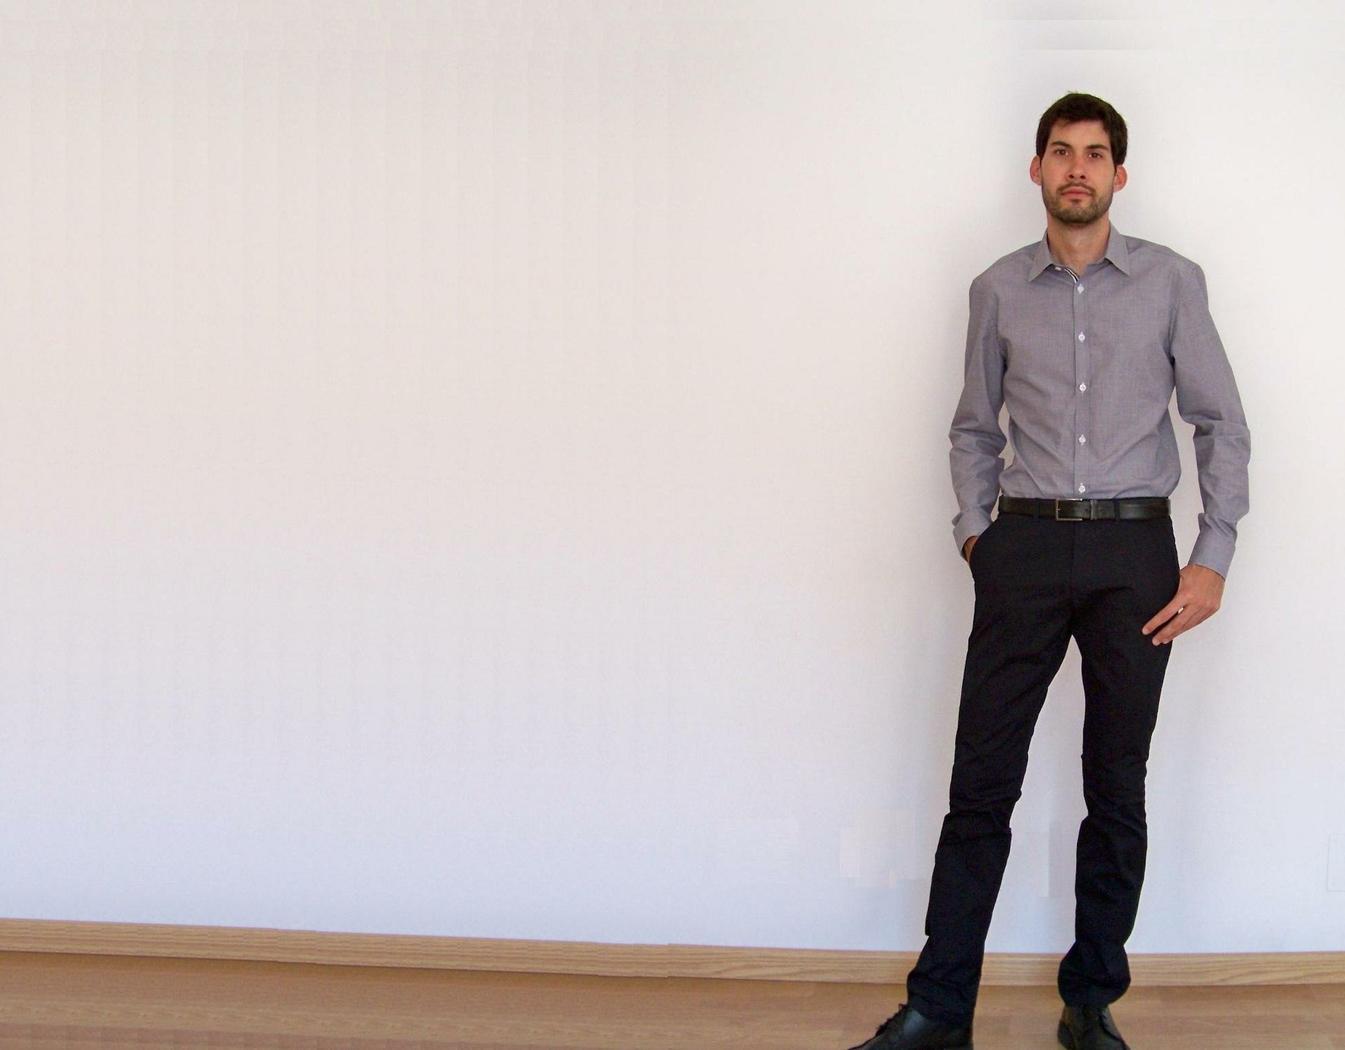 Juan Ignacio Morata Sanz